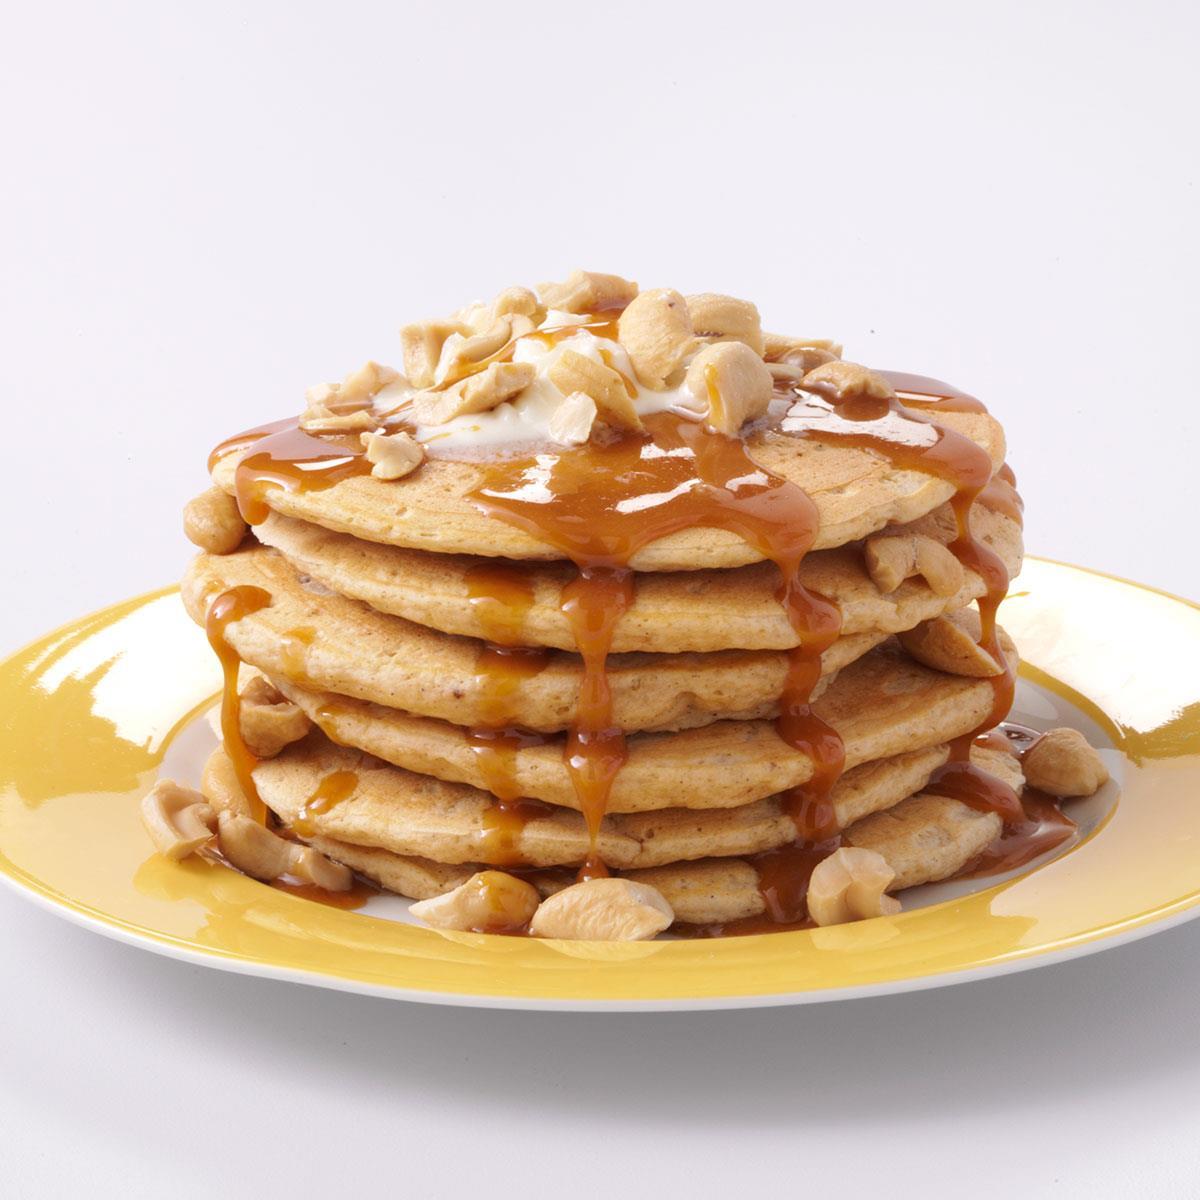 Sweet Potato Pancakes With Caramel Sauce Recipe